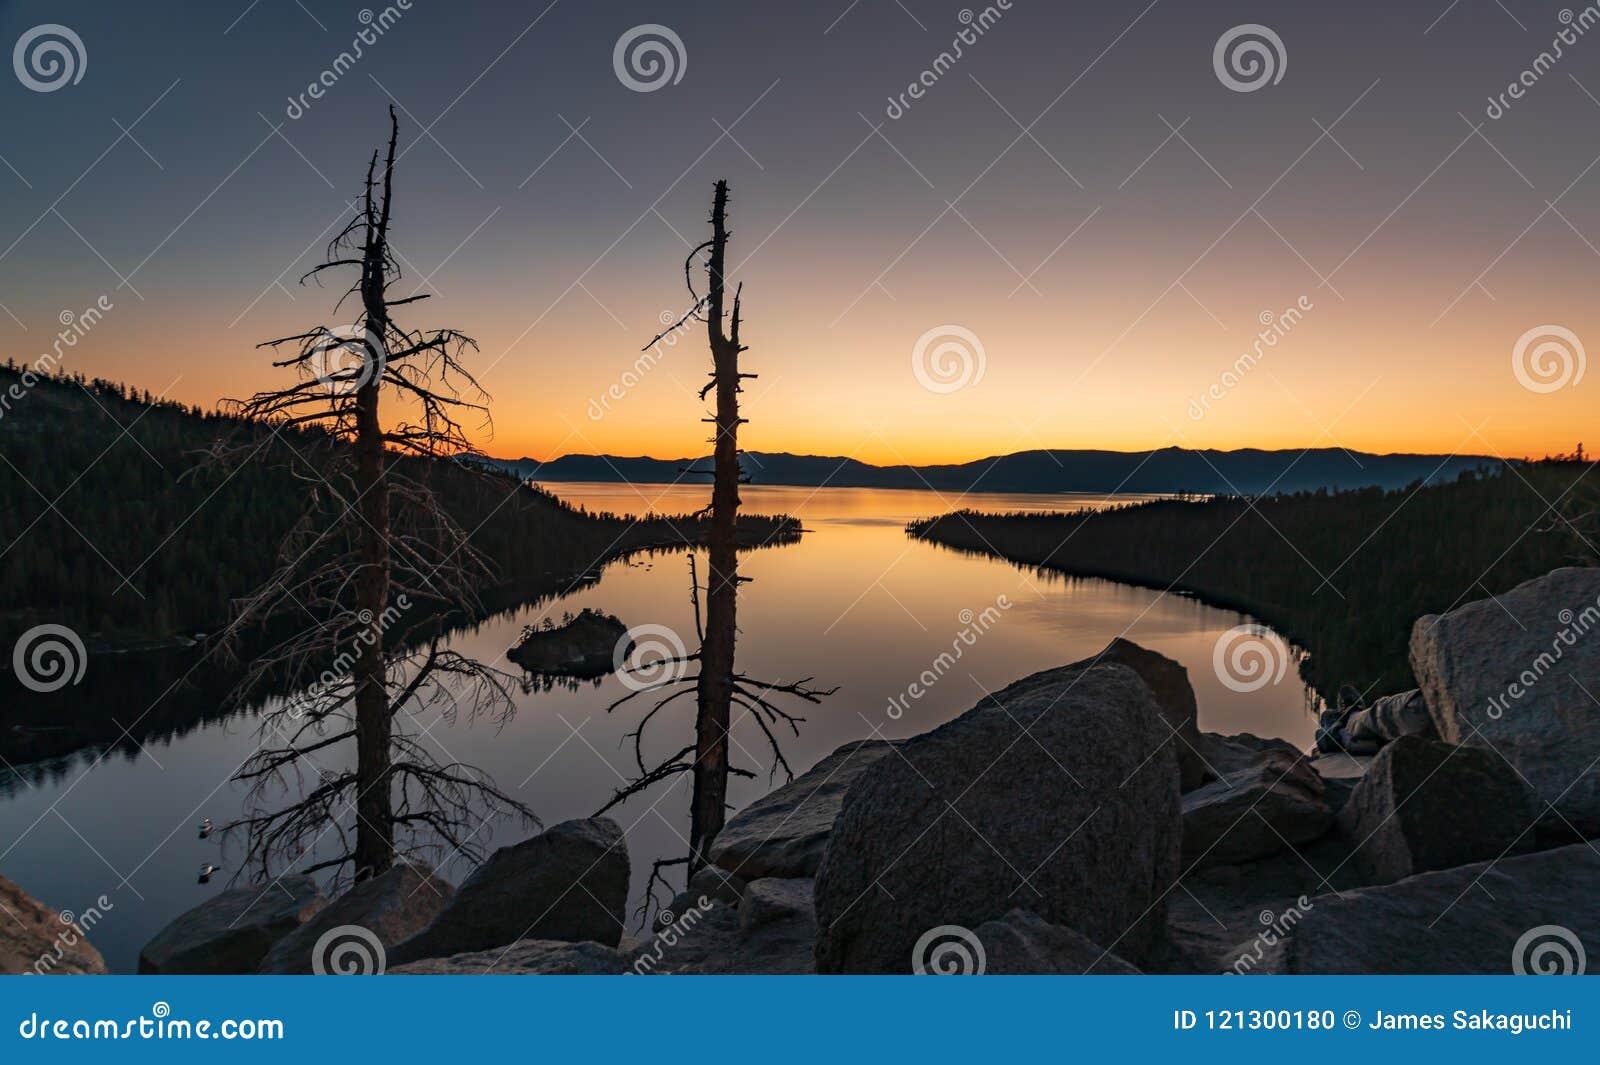 Wanneer het zijn omhoog bij zonsopgang is de moeite waard - Emerald Bay Lake Tahoe